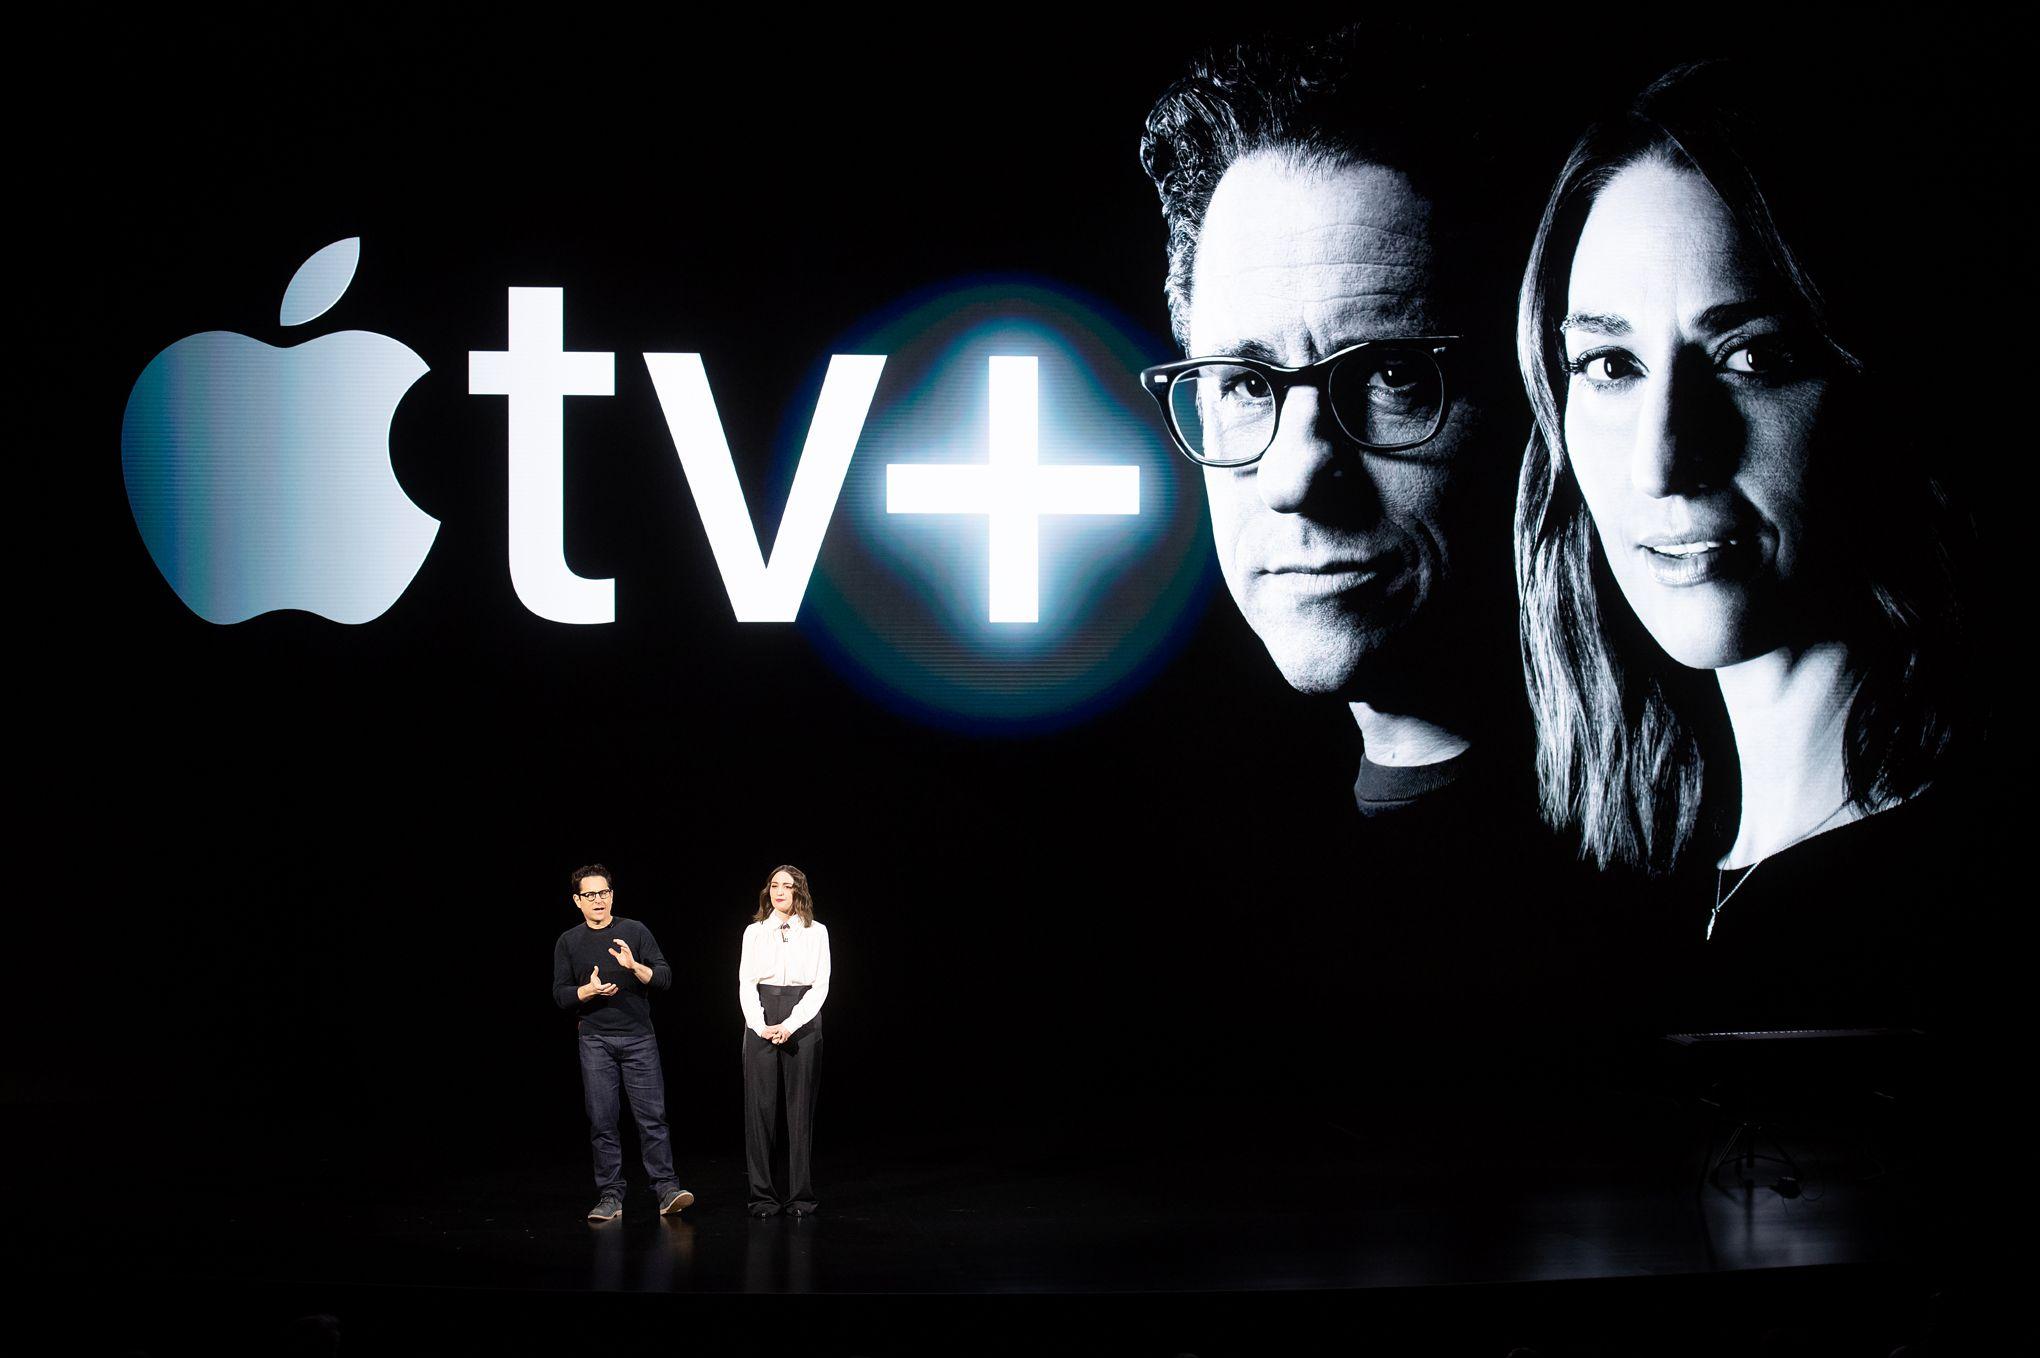 Apple casse les prix sur le marché du streaming vidéo